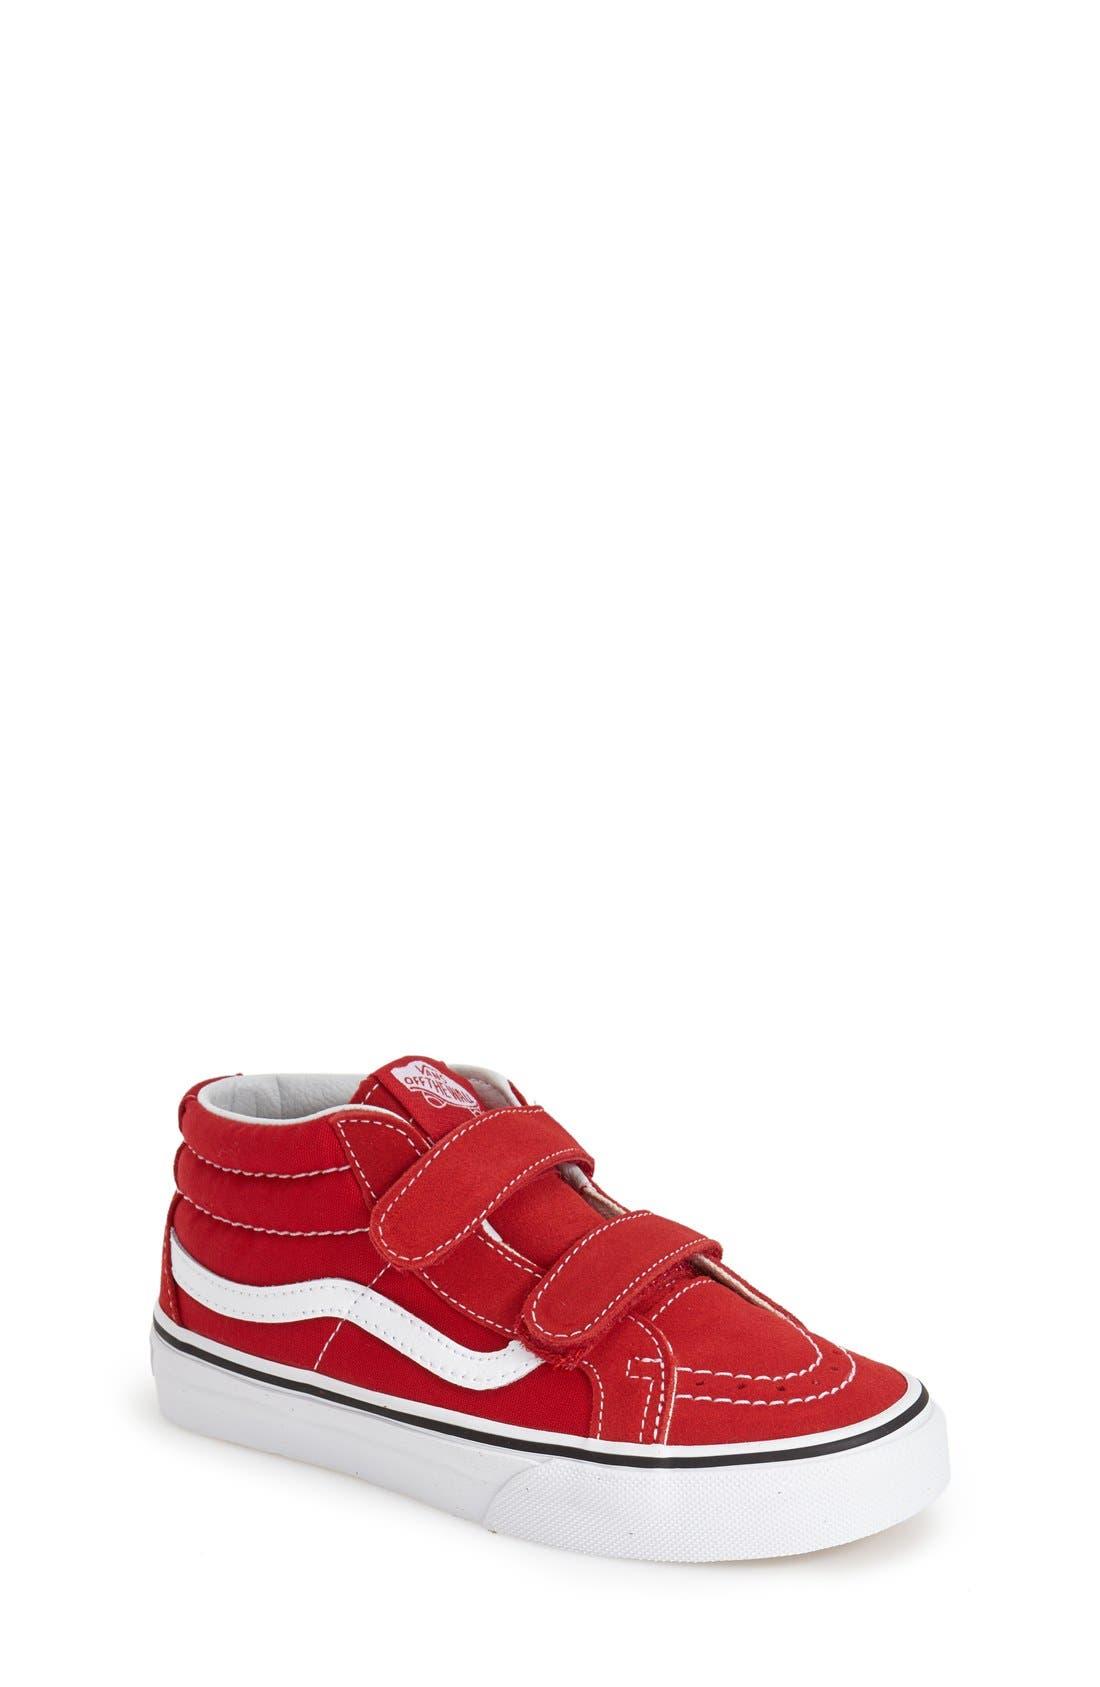 'Sk8-Hi Reissue V' Sneaker,                         Main,                         color, FORMULA ONE/ TRUE WHITE